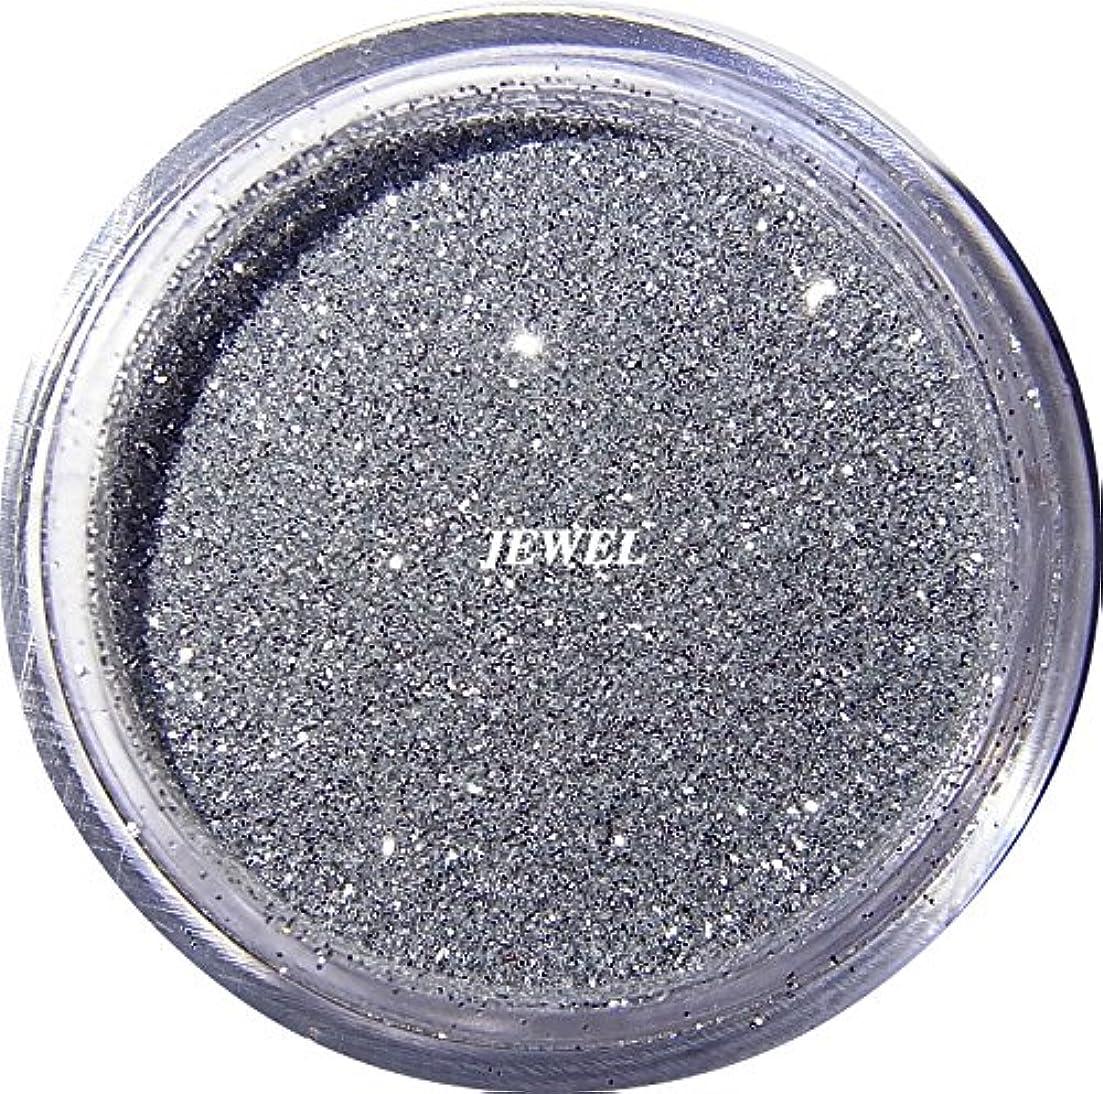 わかるぐるぐる意見【jewel】 超微粒子ラメパウダー(銀/シルバー) 256/1サイズ 2g入り レジン&ネイル用 グリッター